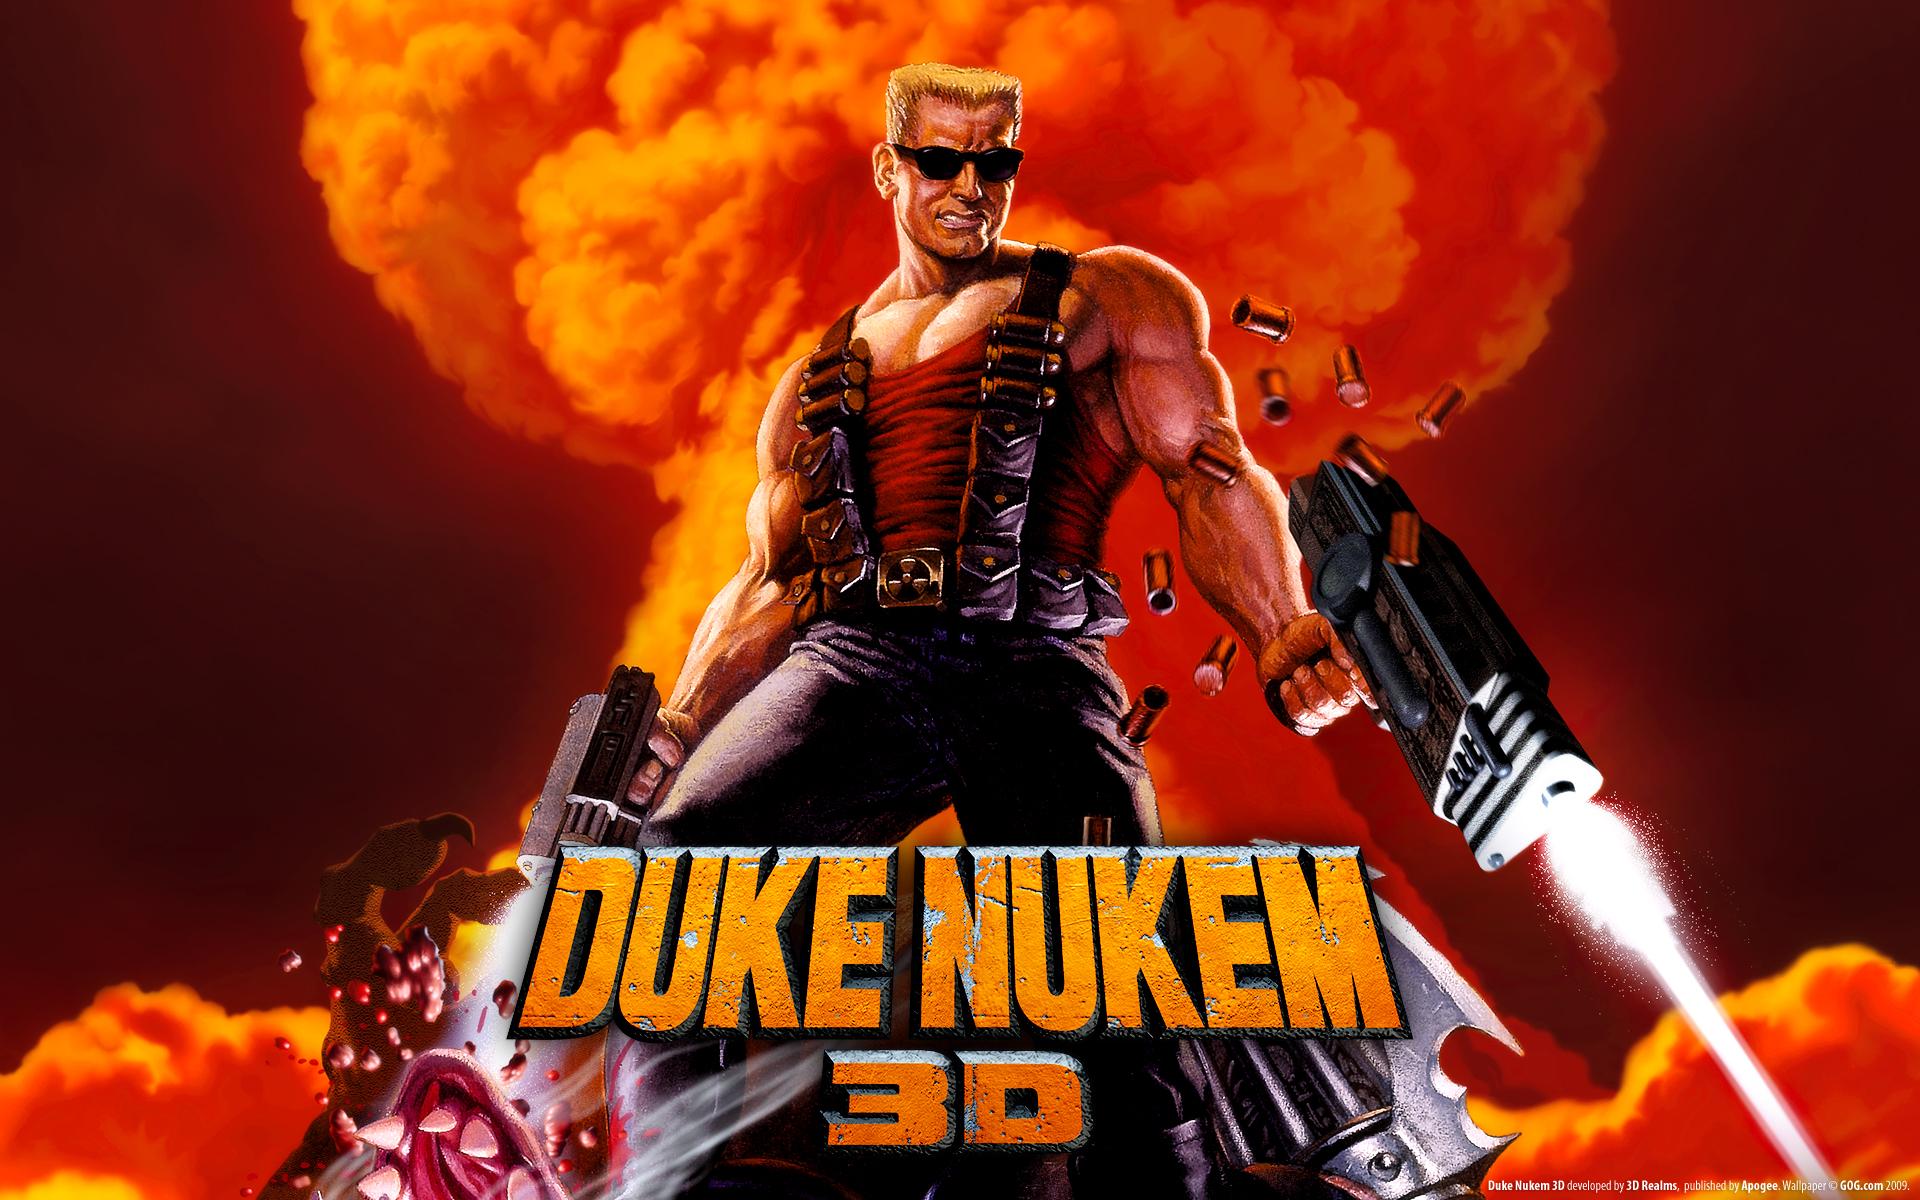 Solo por tiempo limitado: Duke Nukem 3D es gratis por GOG [Come get some!]